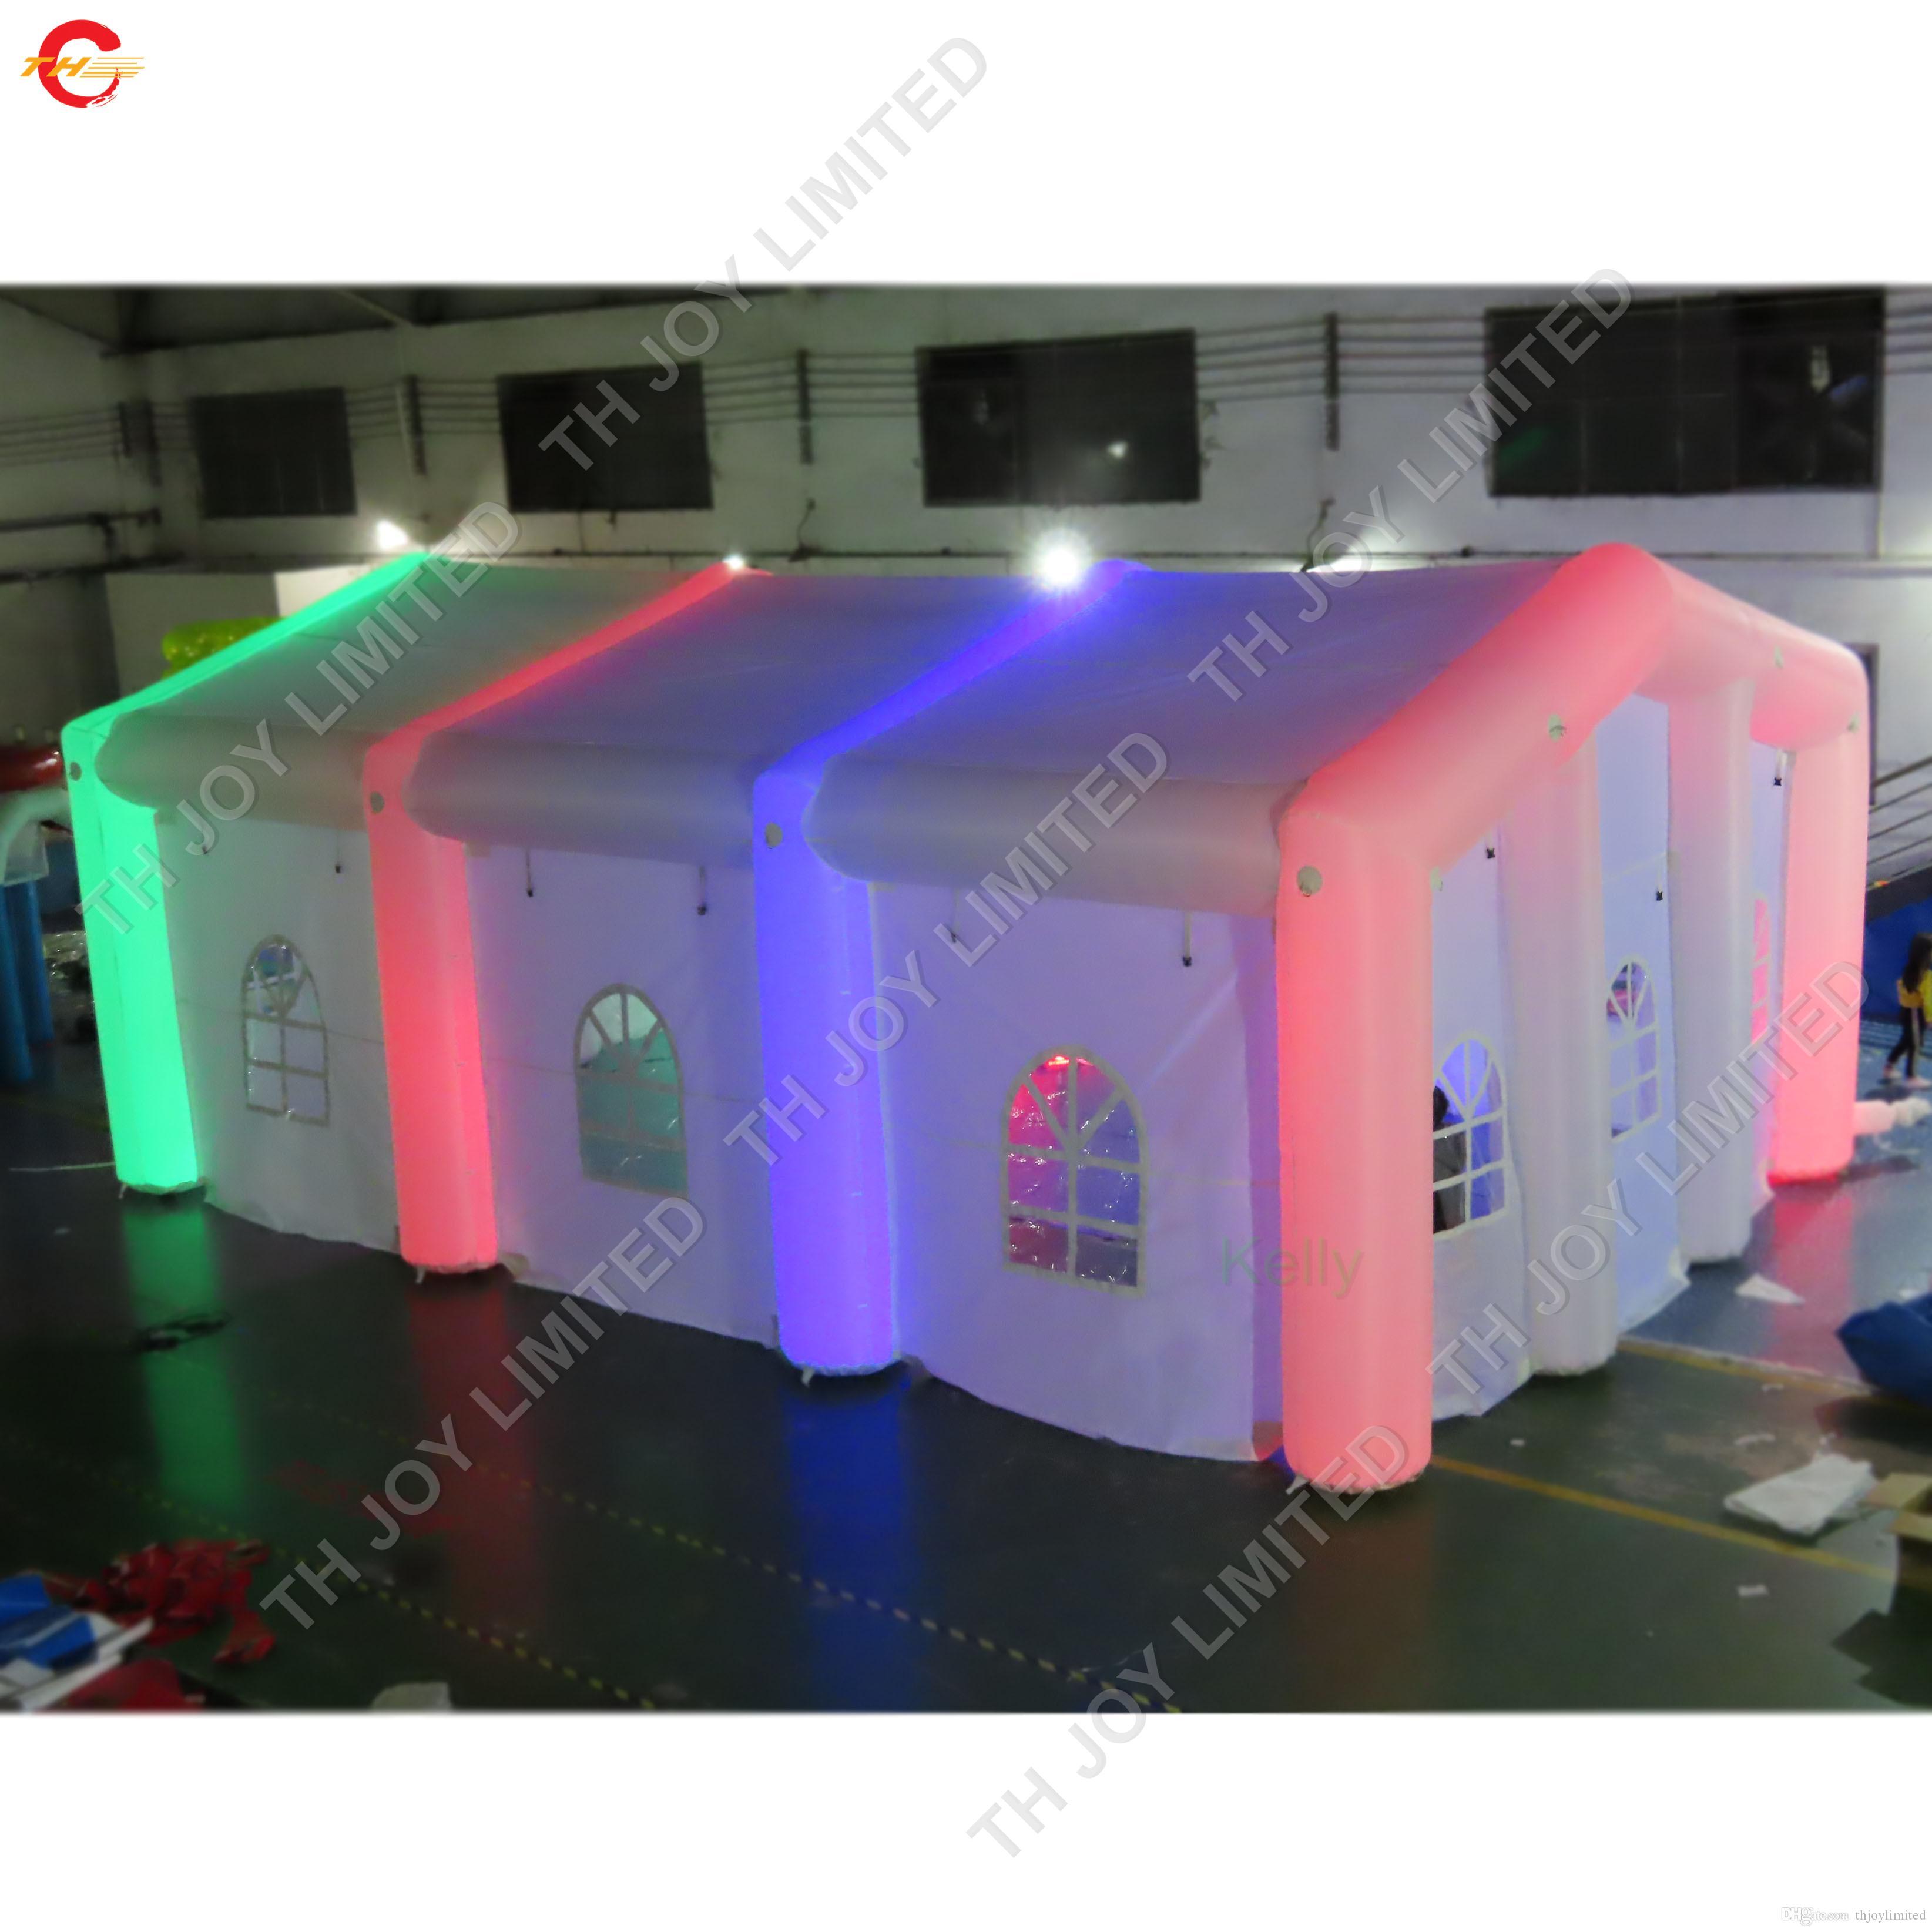 إضاءة LED العملاقة خيمة عرس نفخ لتأجير طرف في الهواء الطلق التجارية خيمة في الحديقة نفخ تأتي مع منفاخ الهواء ومصابيح